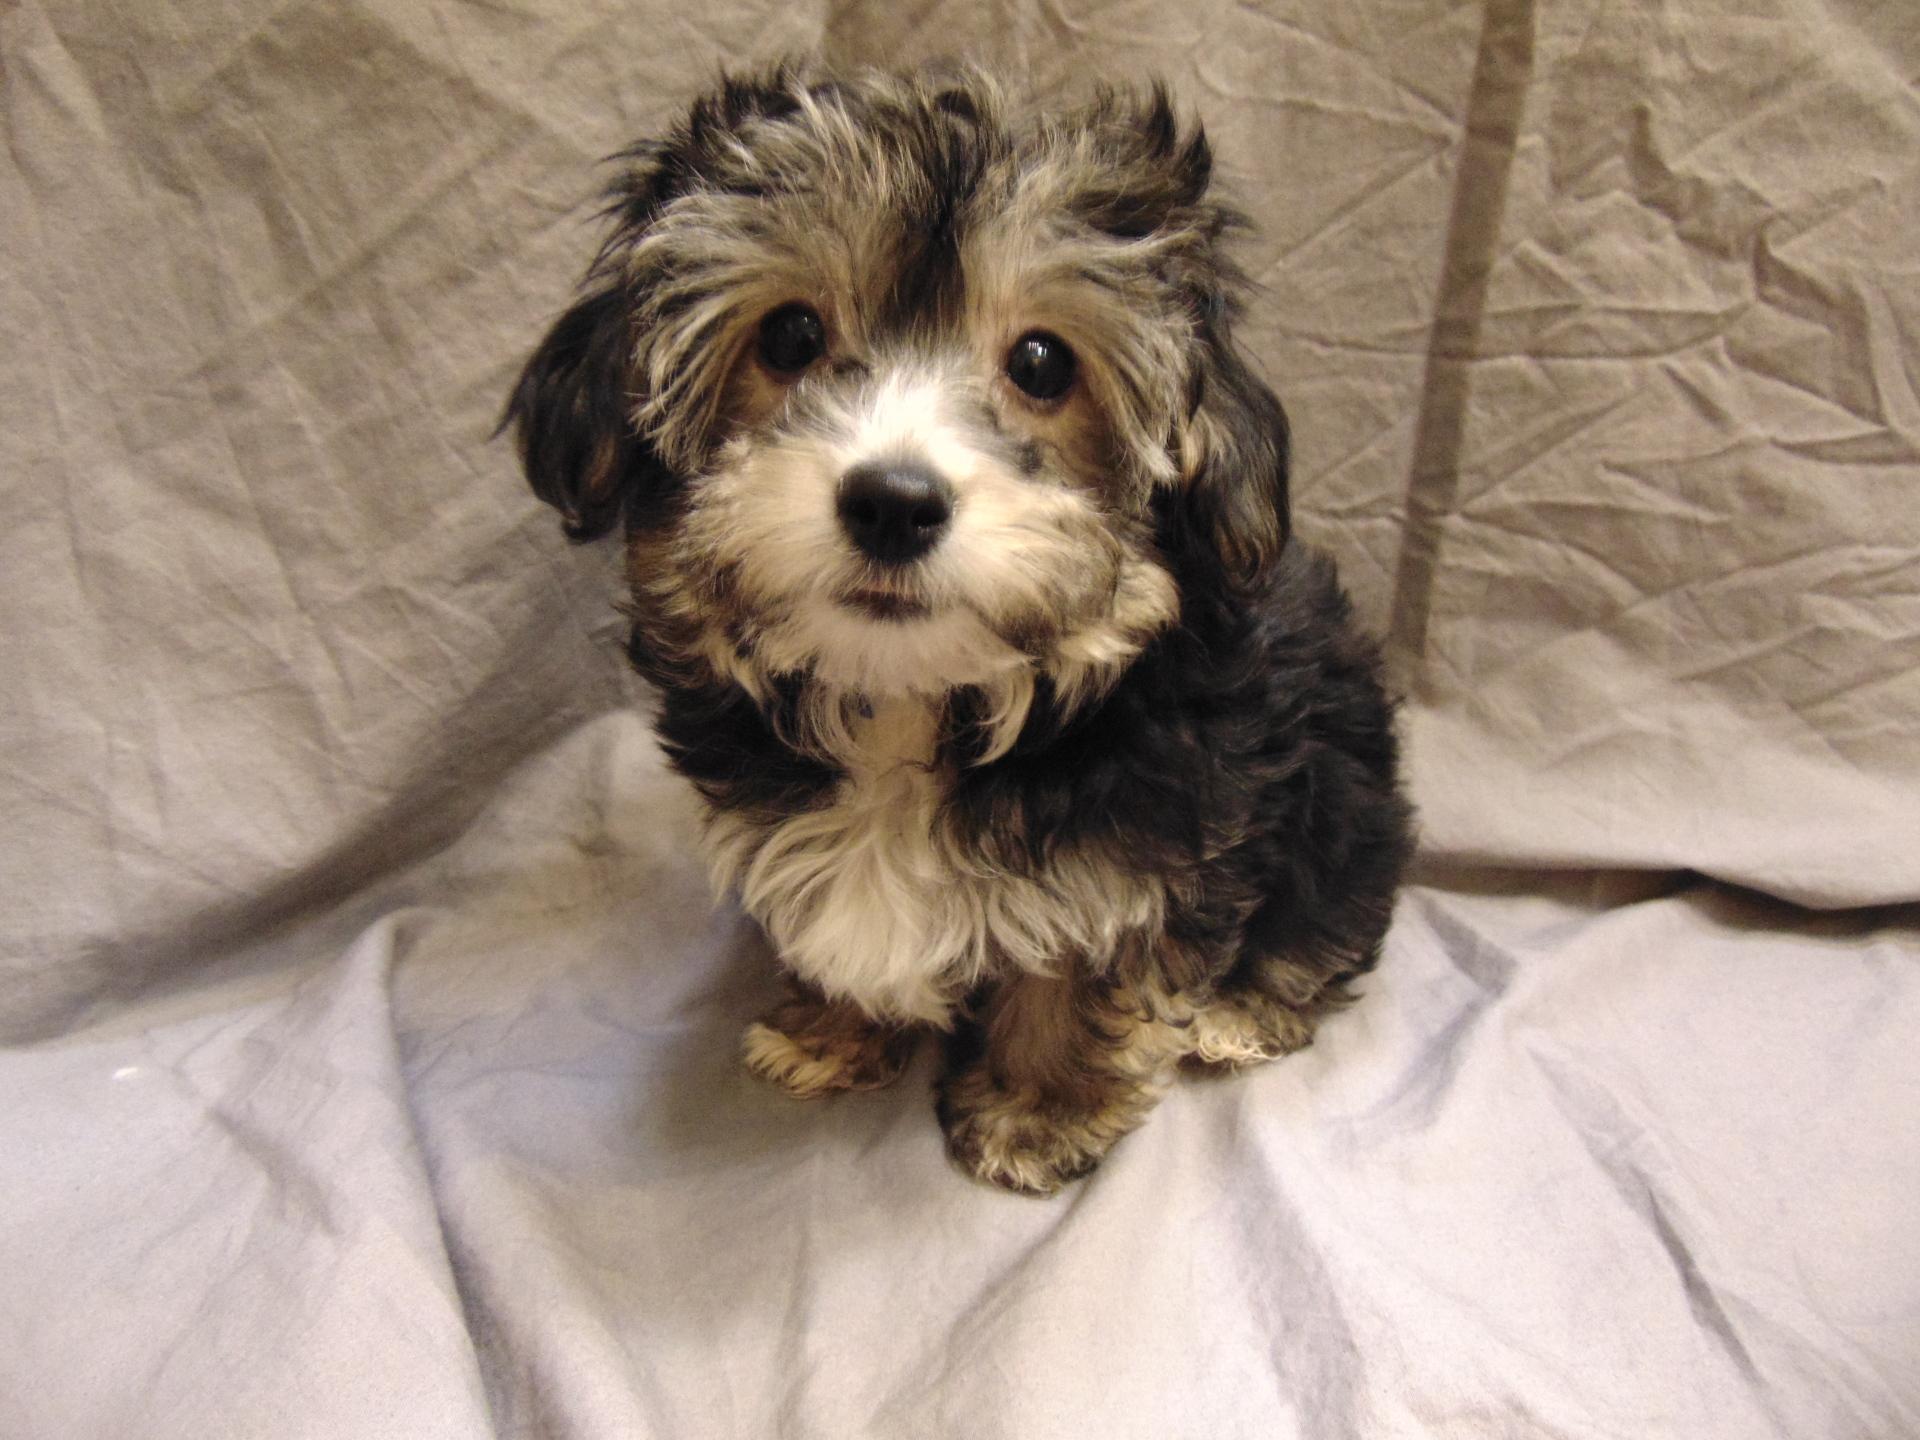 #9854 - Male Yo-Chon (Yorkshire Terrier/Bichon Frise)